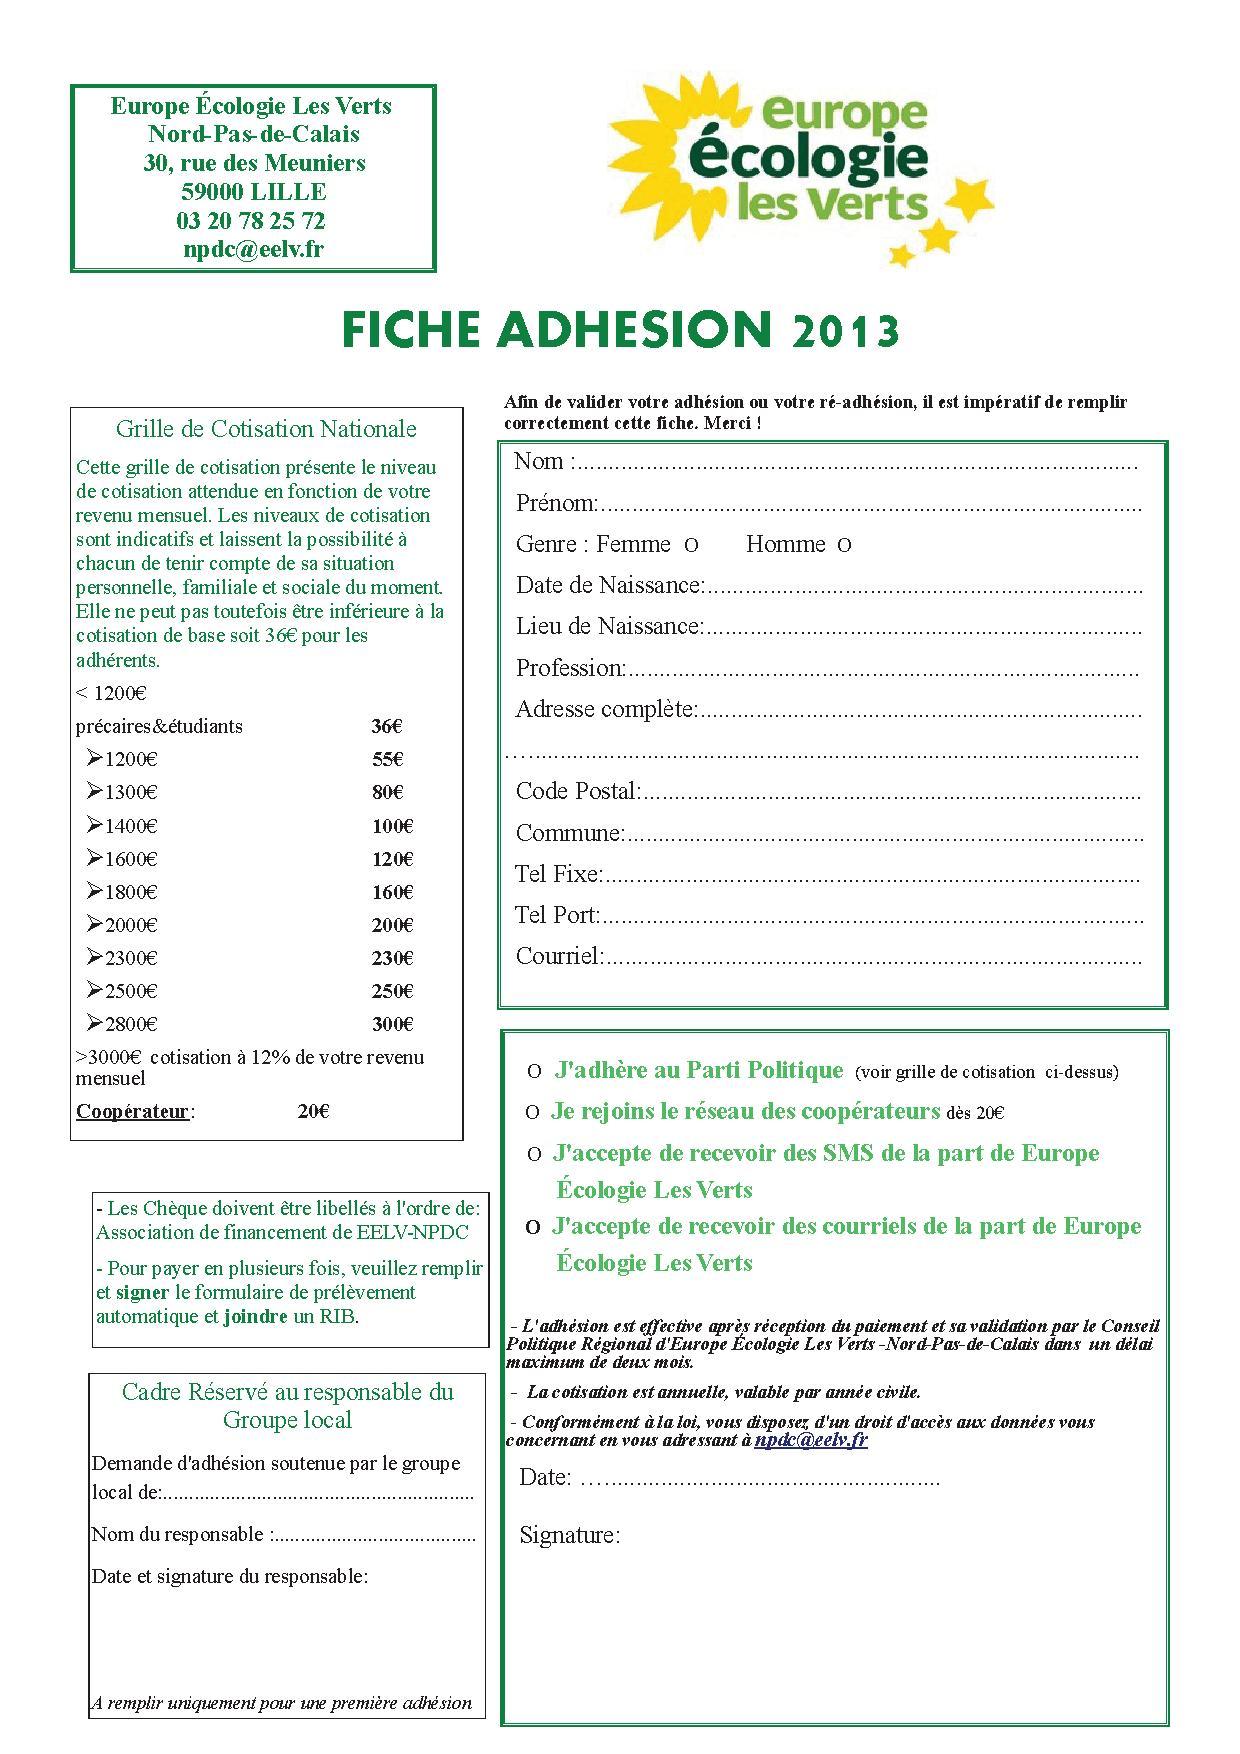 formulaire-dadhésion-2013